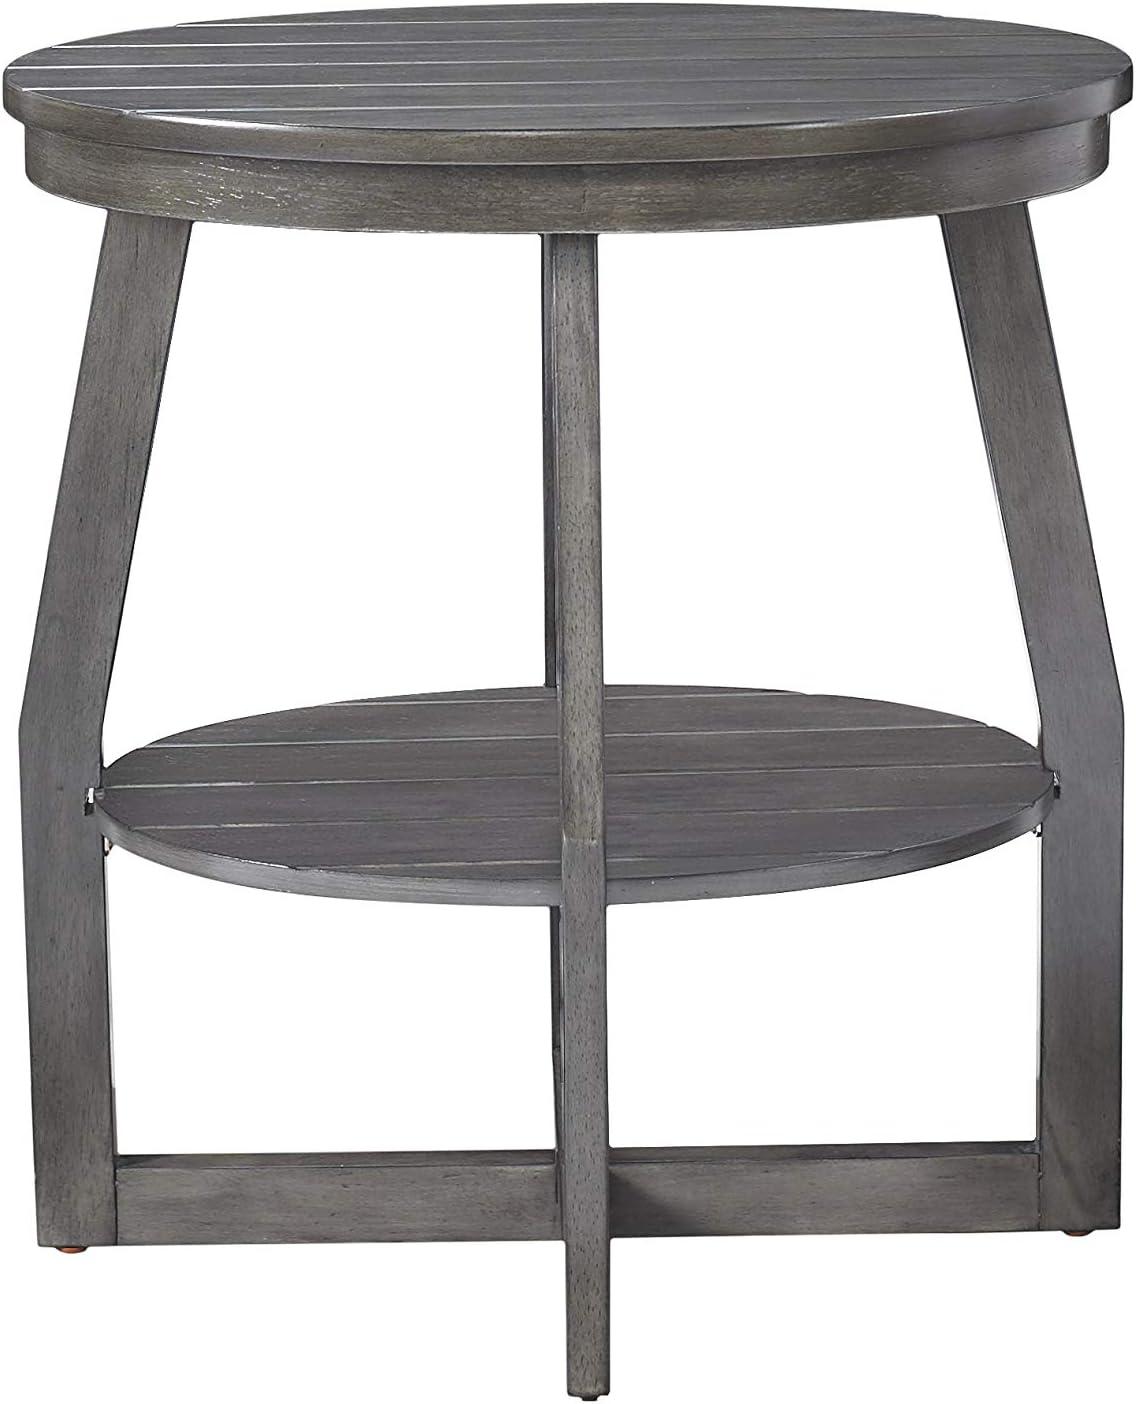 - Amazon.com: Powell Company Powell Pruitt Grey Accent Table, Gray